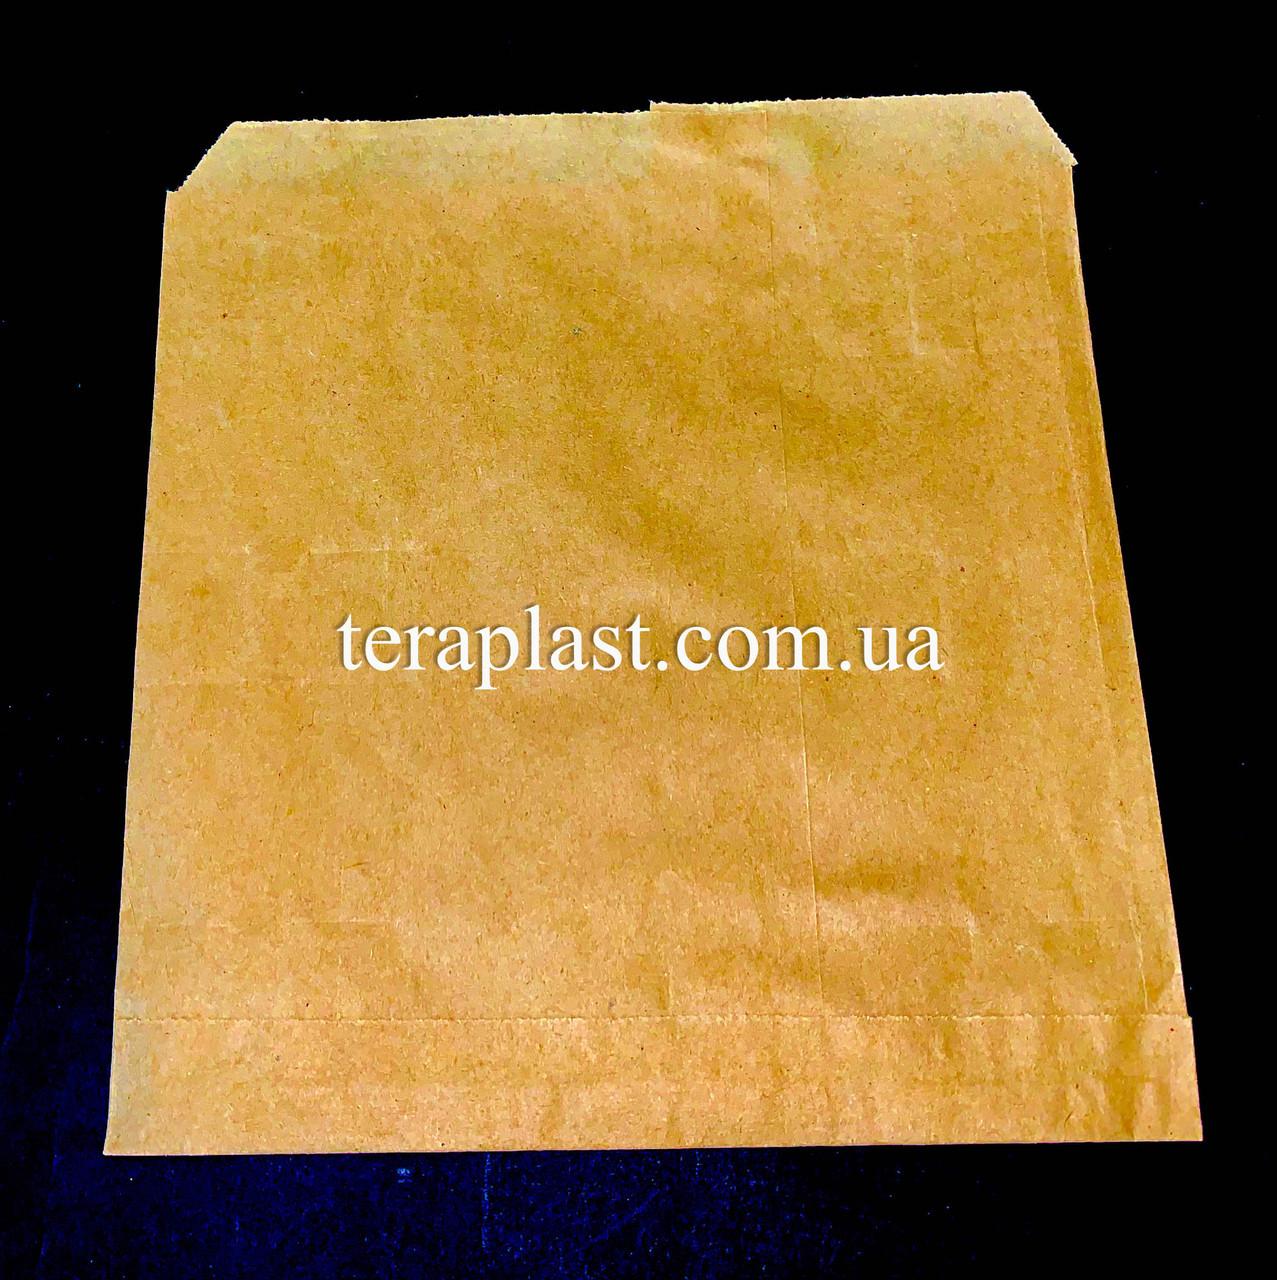 Пакет бумажный саше бурый 180х180